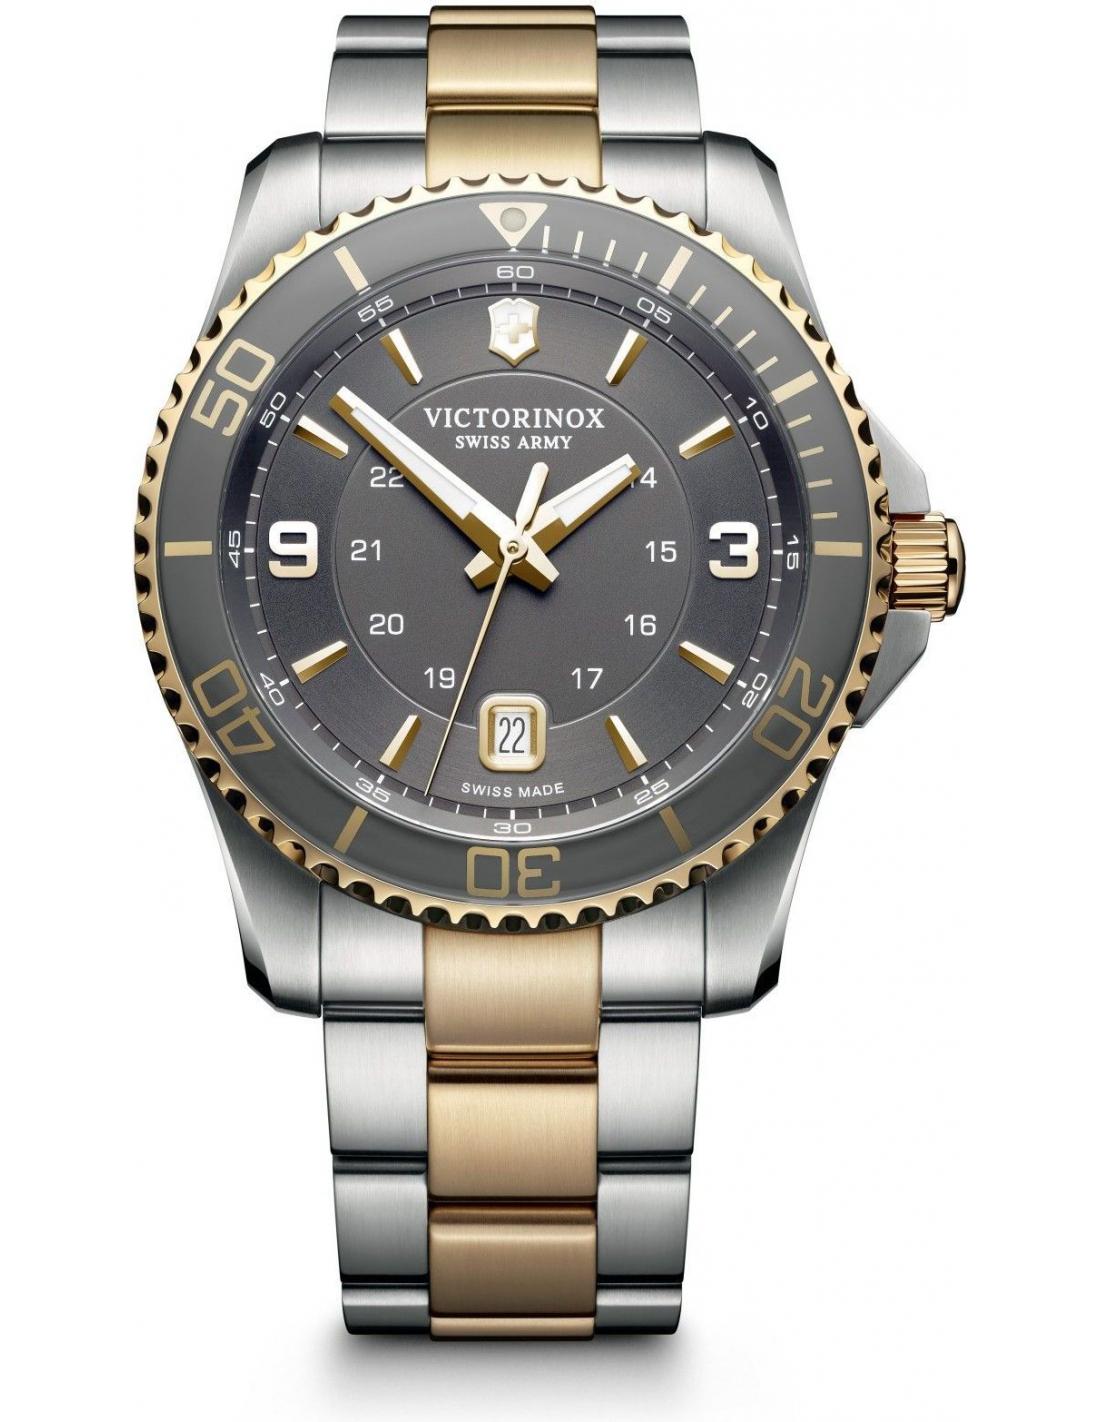 Victorinox Swiss Army 249126 Maverick Watch